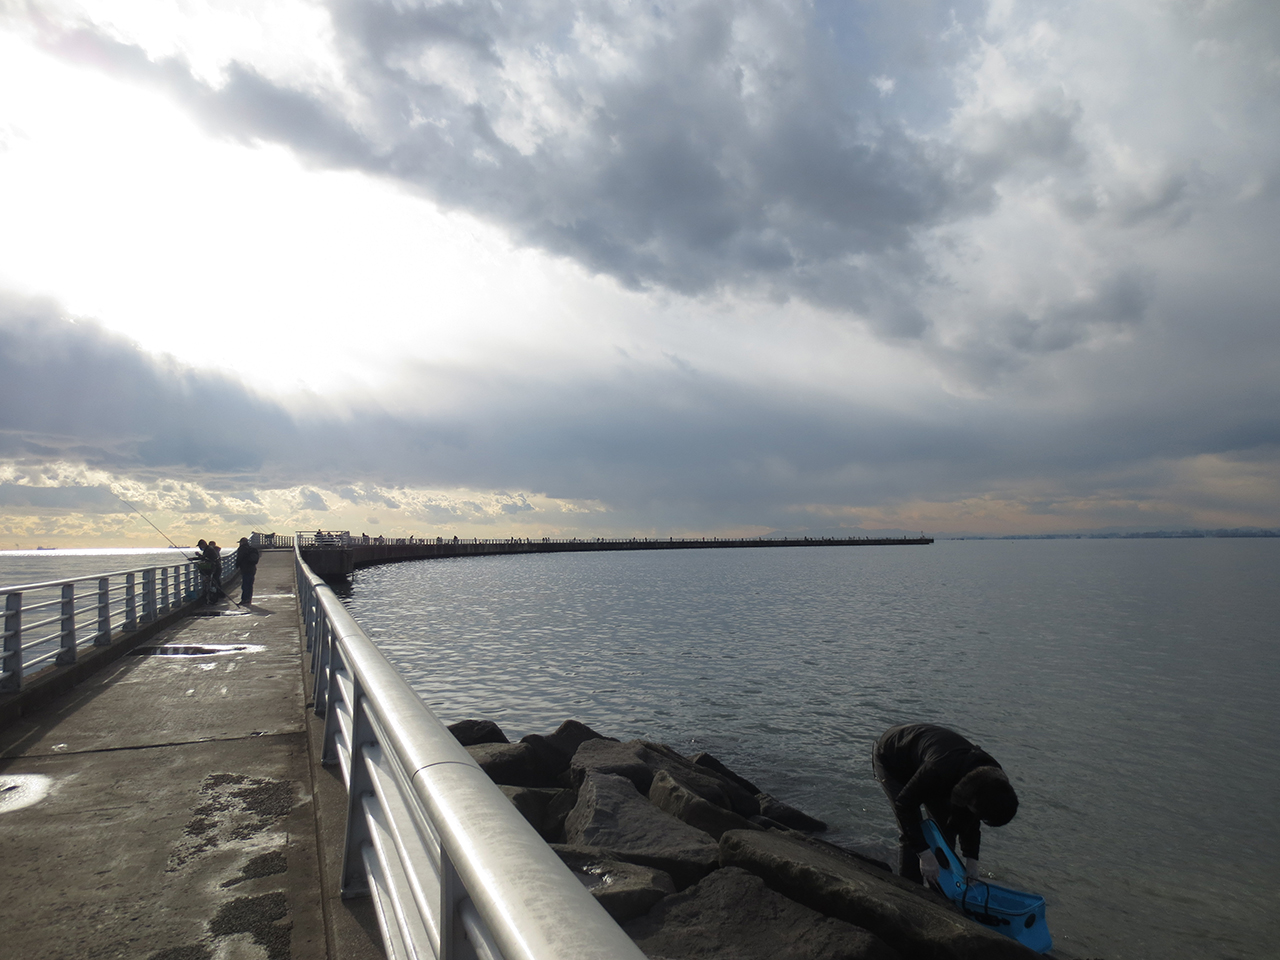 釣りを楽しむ人たちの写真